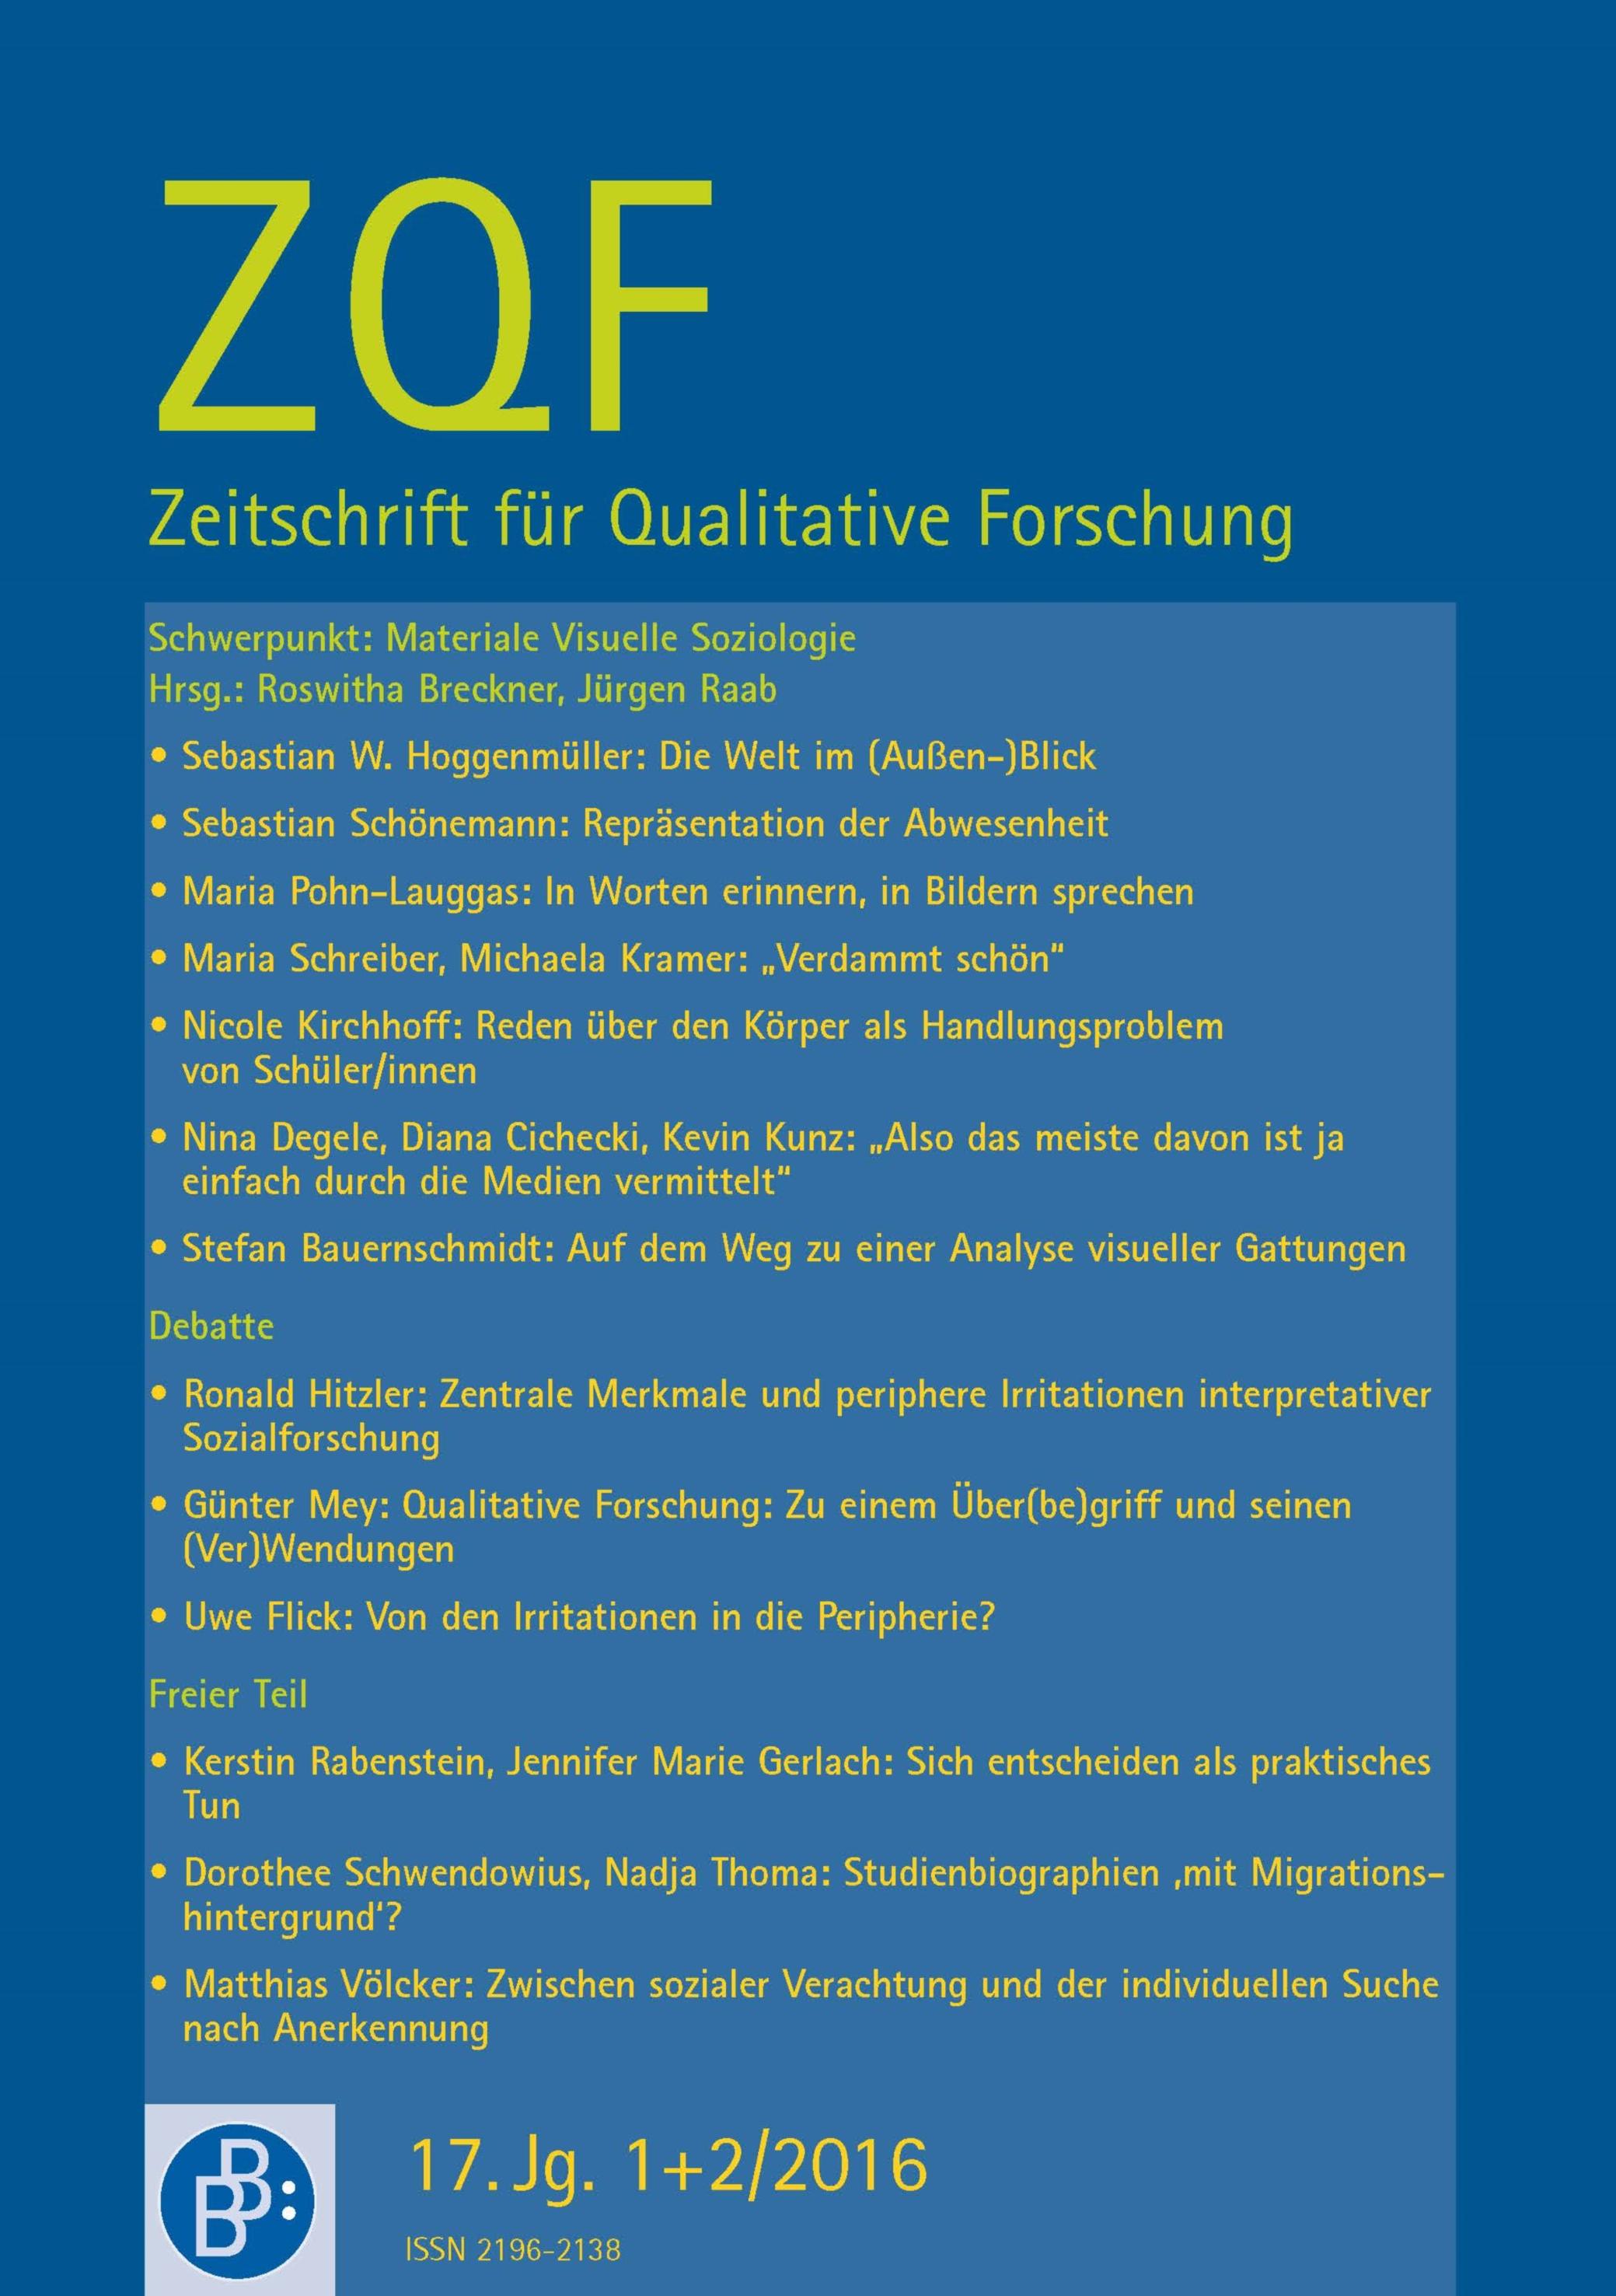 ZQF – Zeitschrift für Qualitative Forschung 1+2-2016: Materiale Visuelle Soziologie